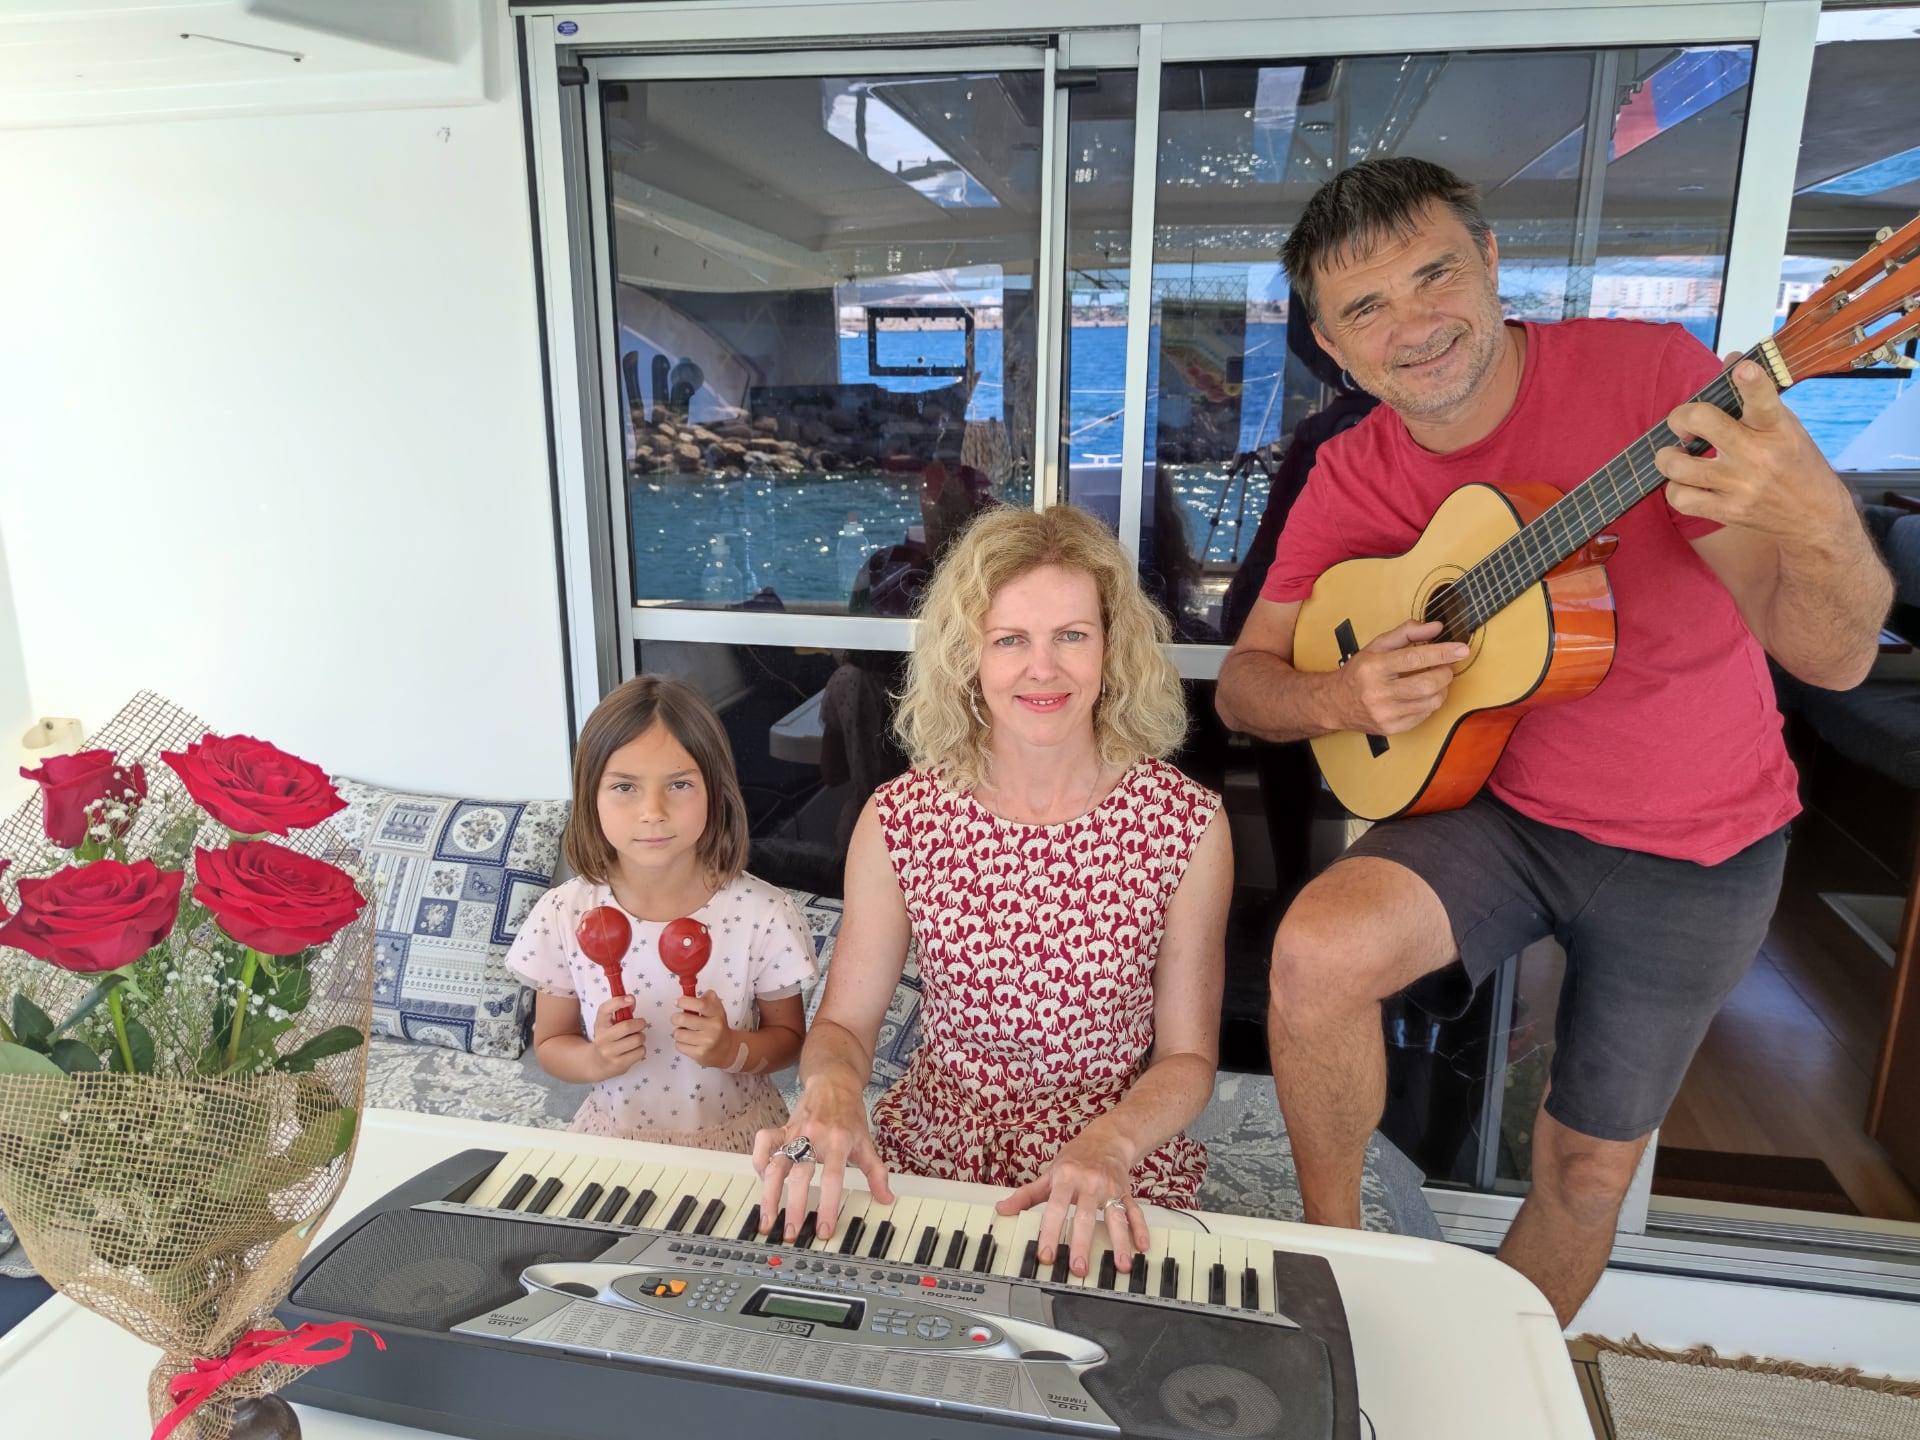 семья с музыкальными инструментами